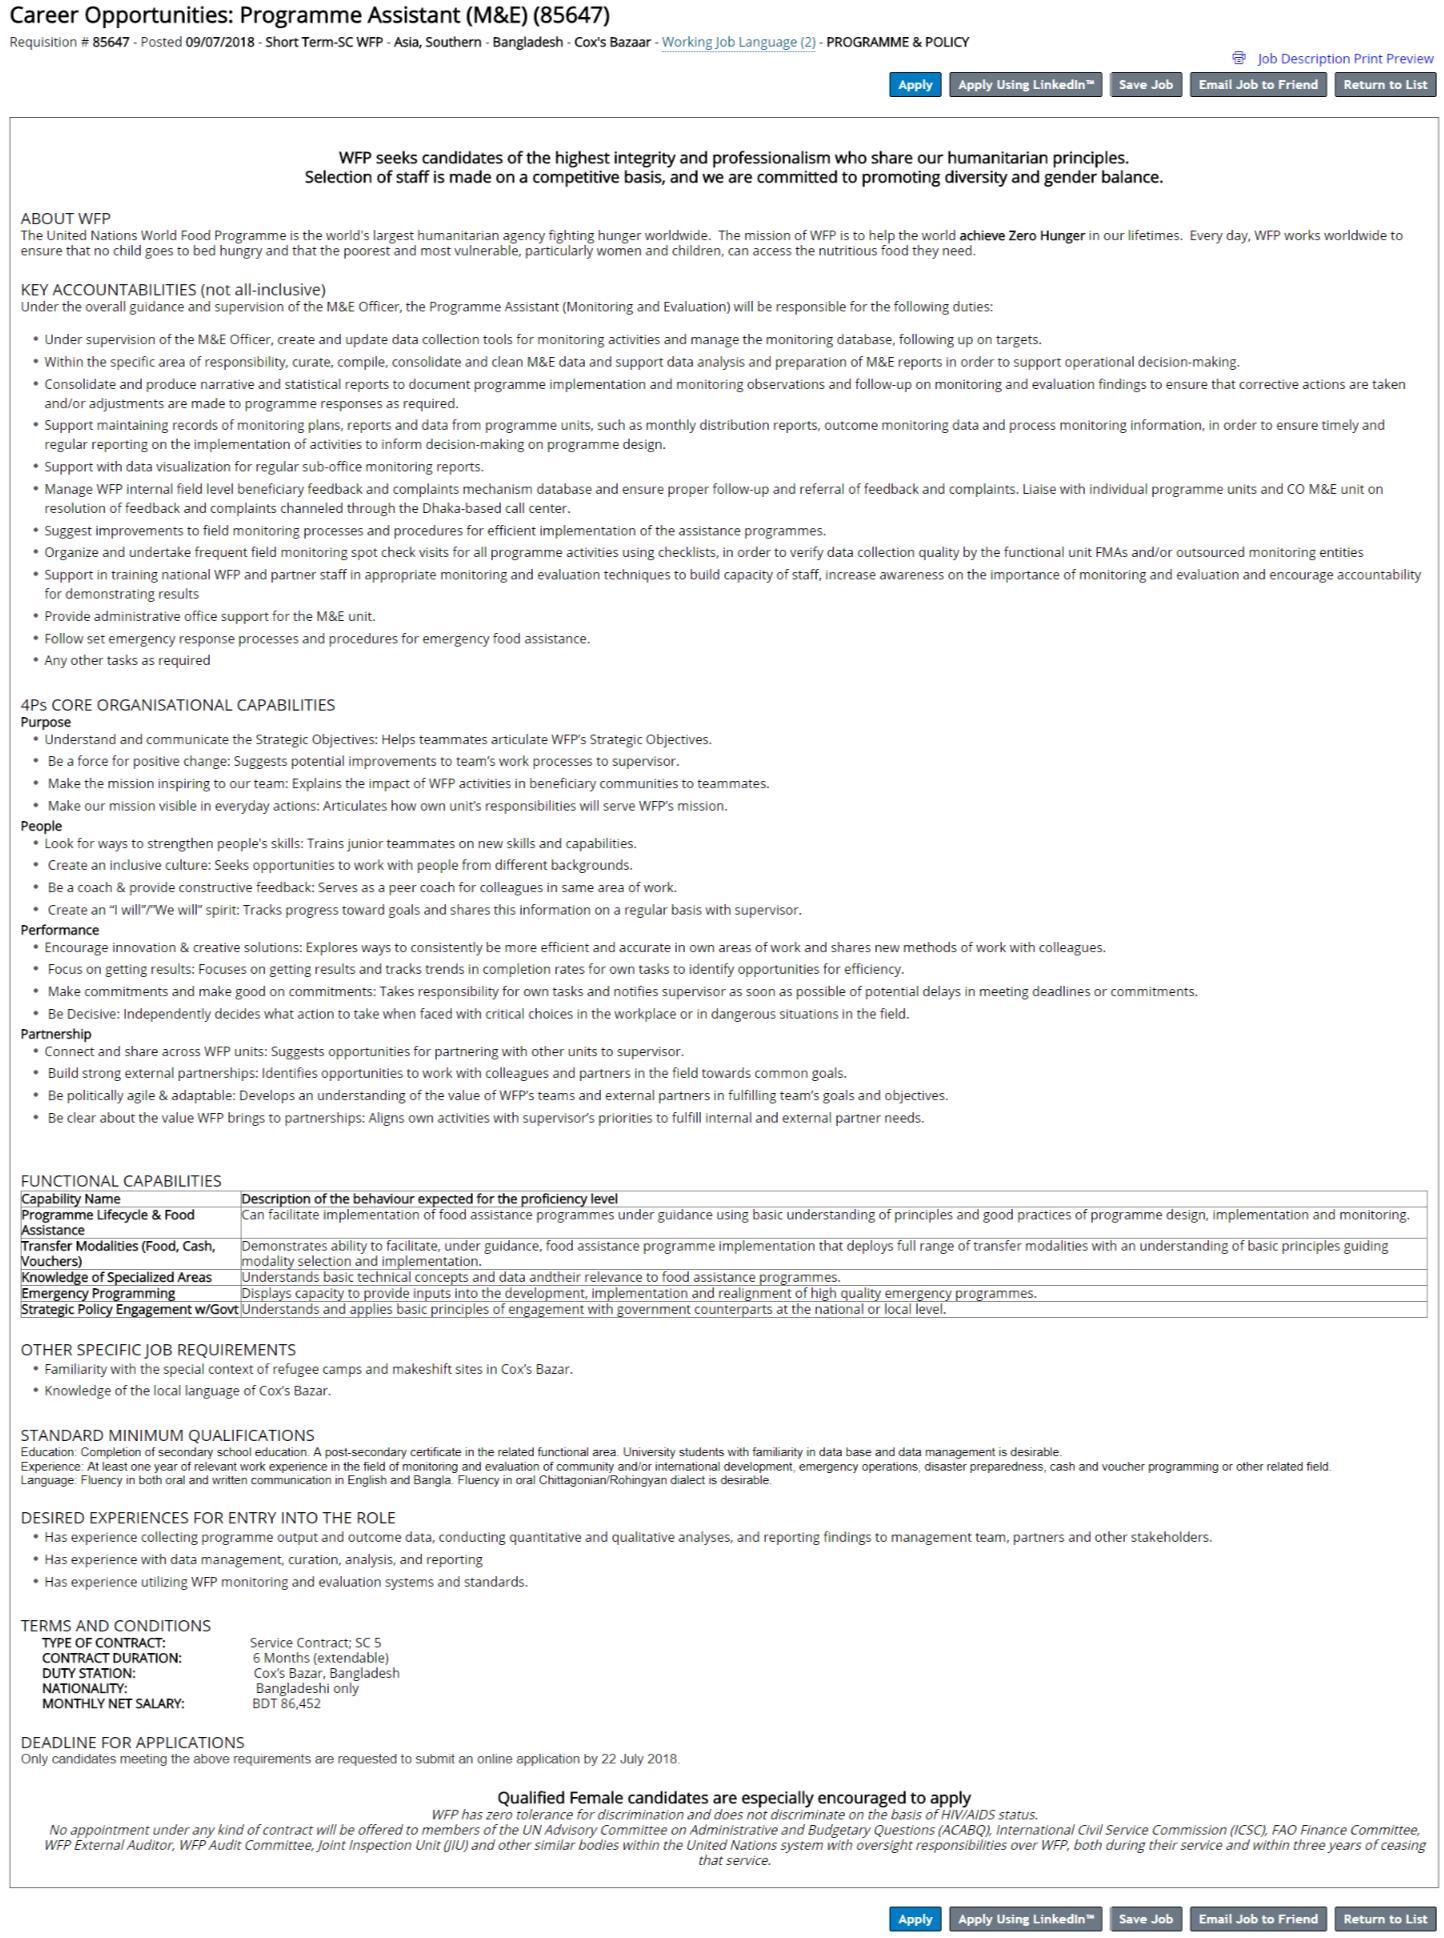 WFP Job Circular